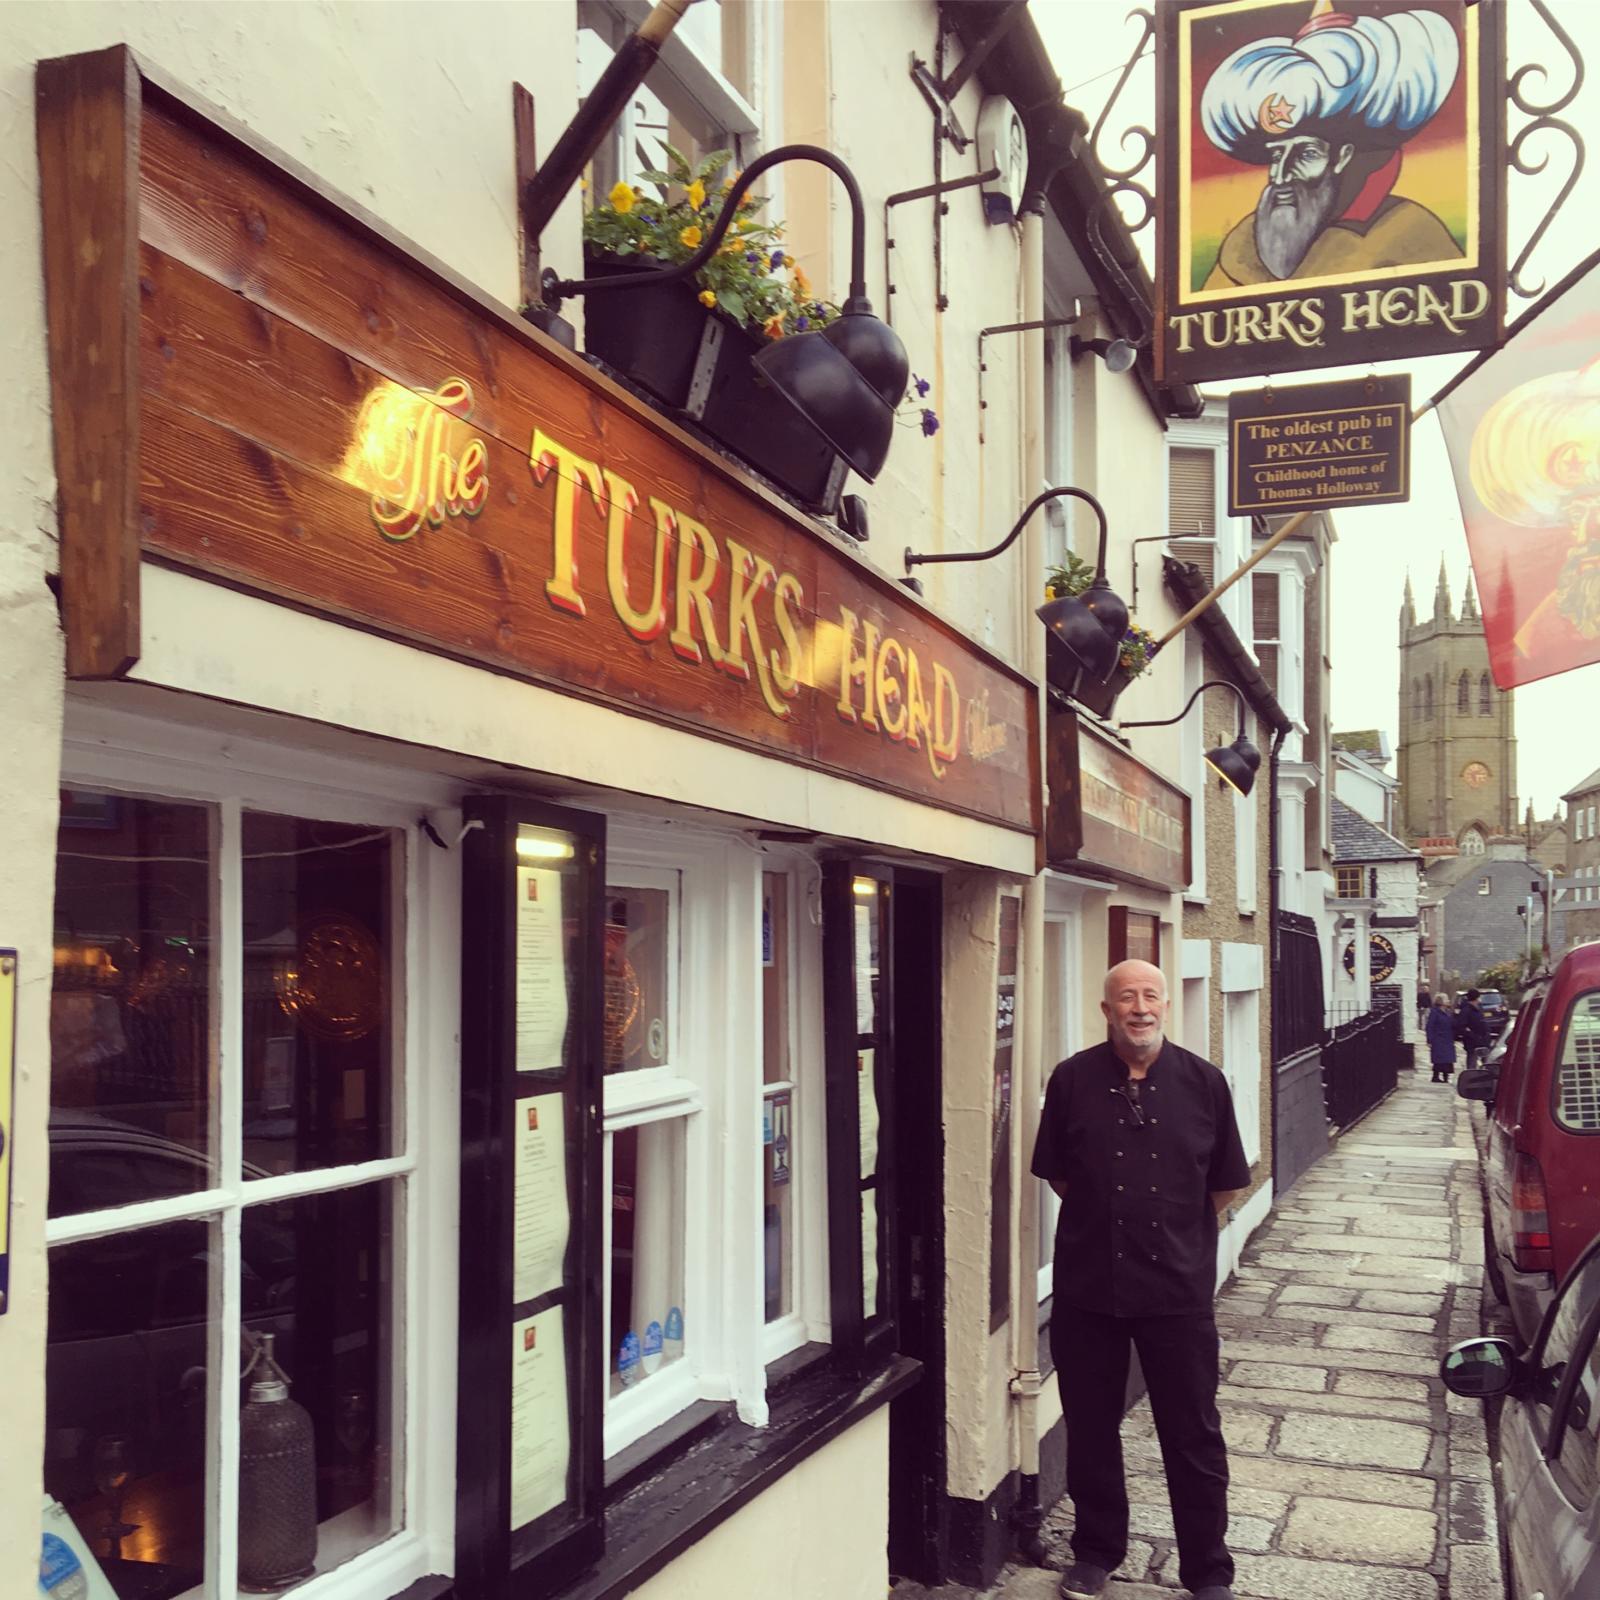 Turks Head